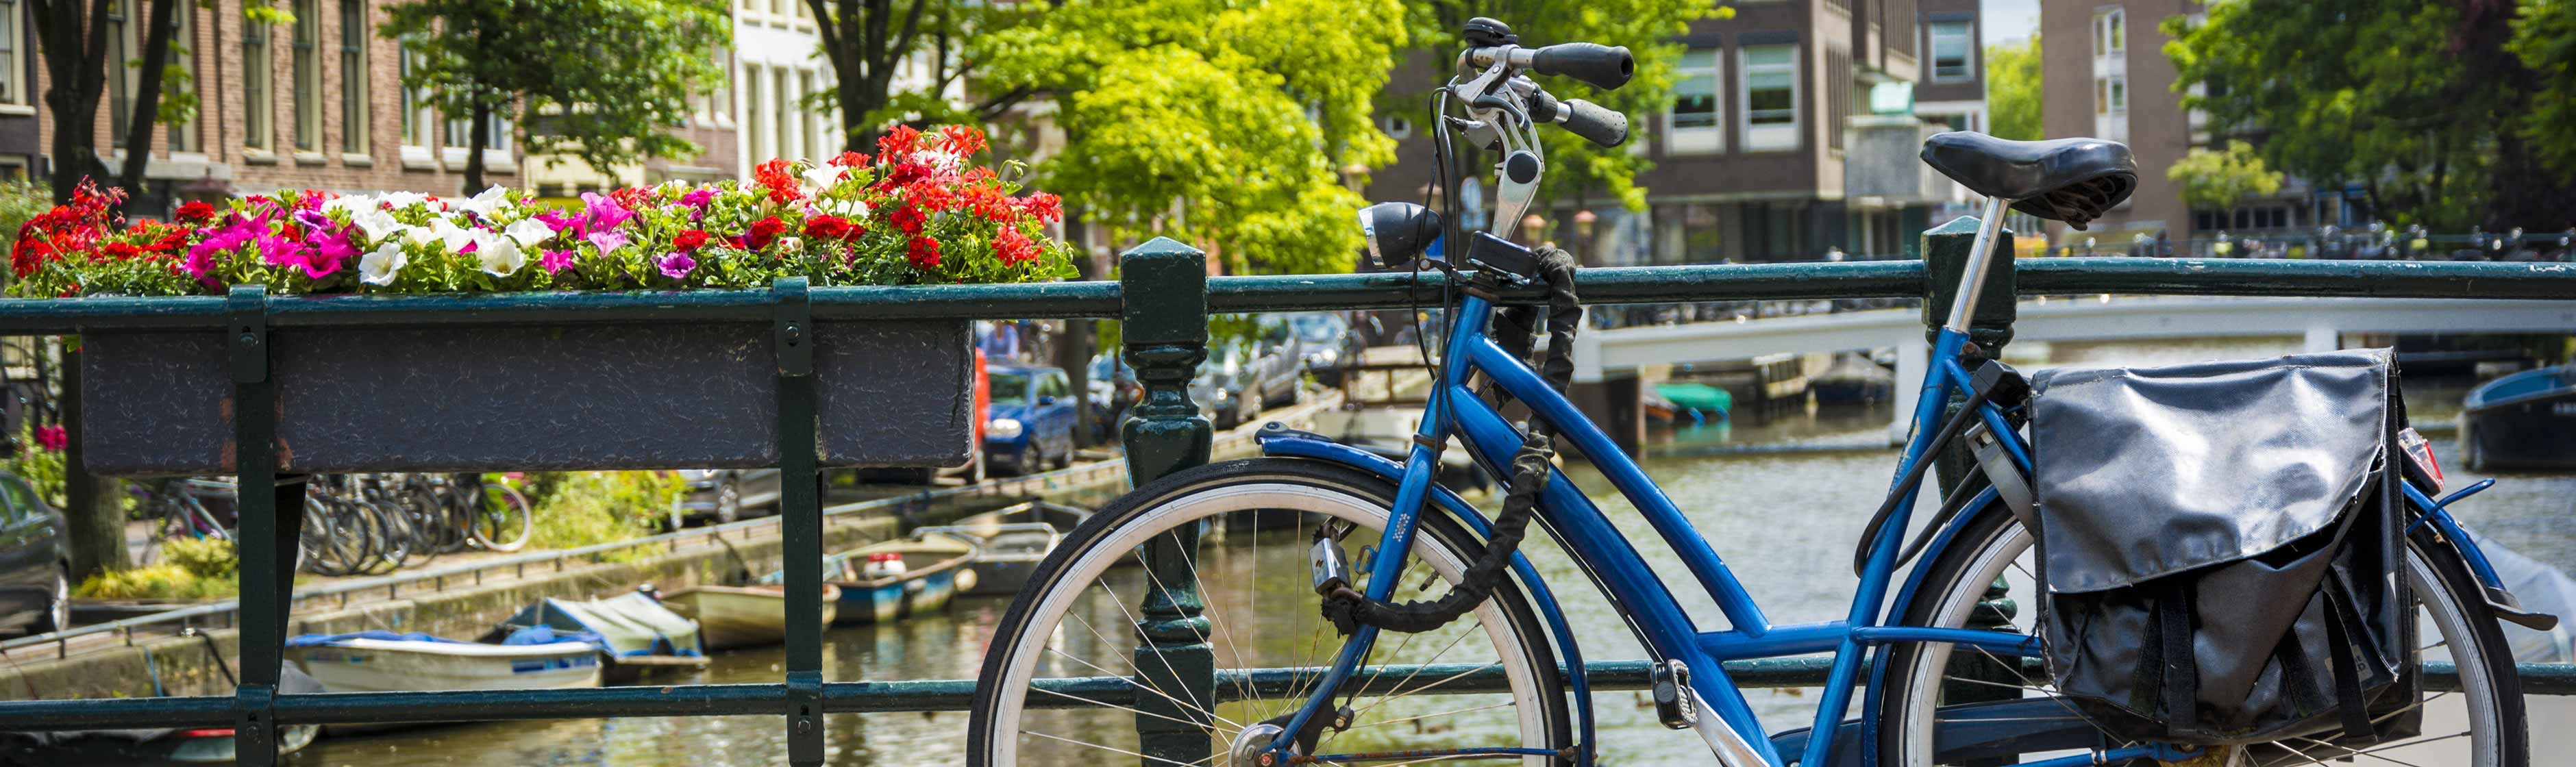 Geparkeerde fiets met slot